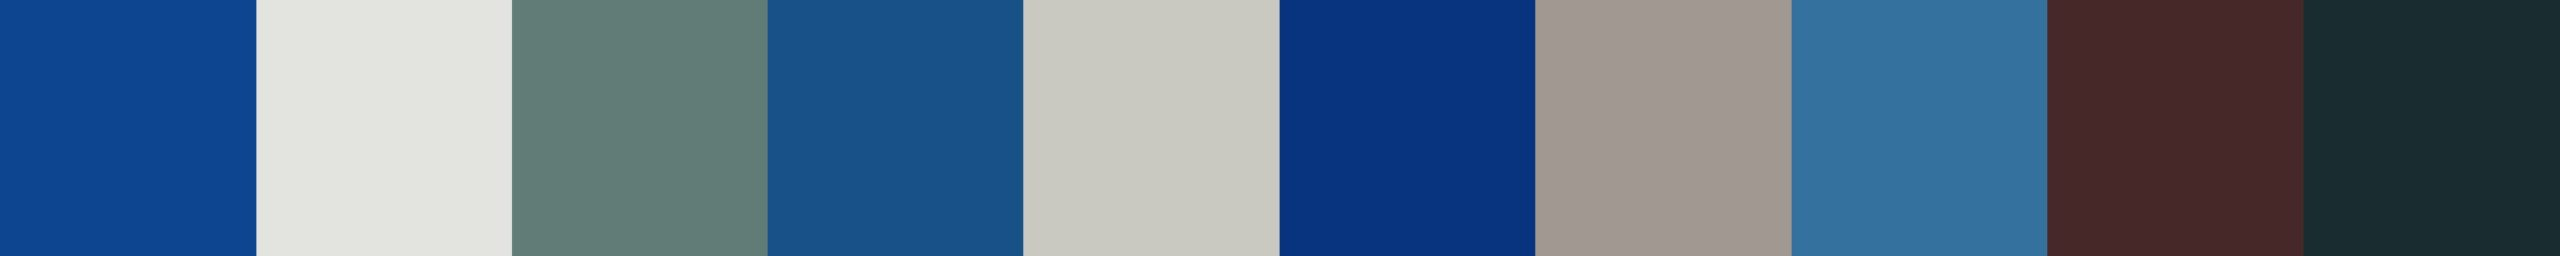 106 Krefora Color Palette